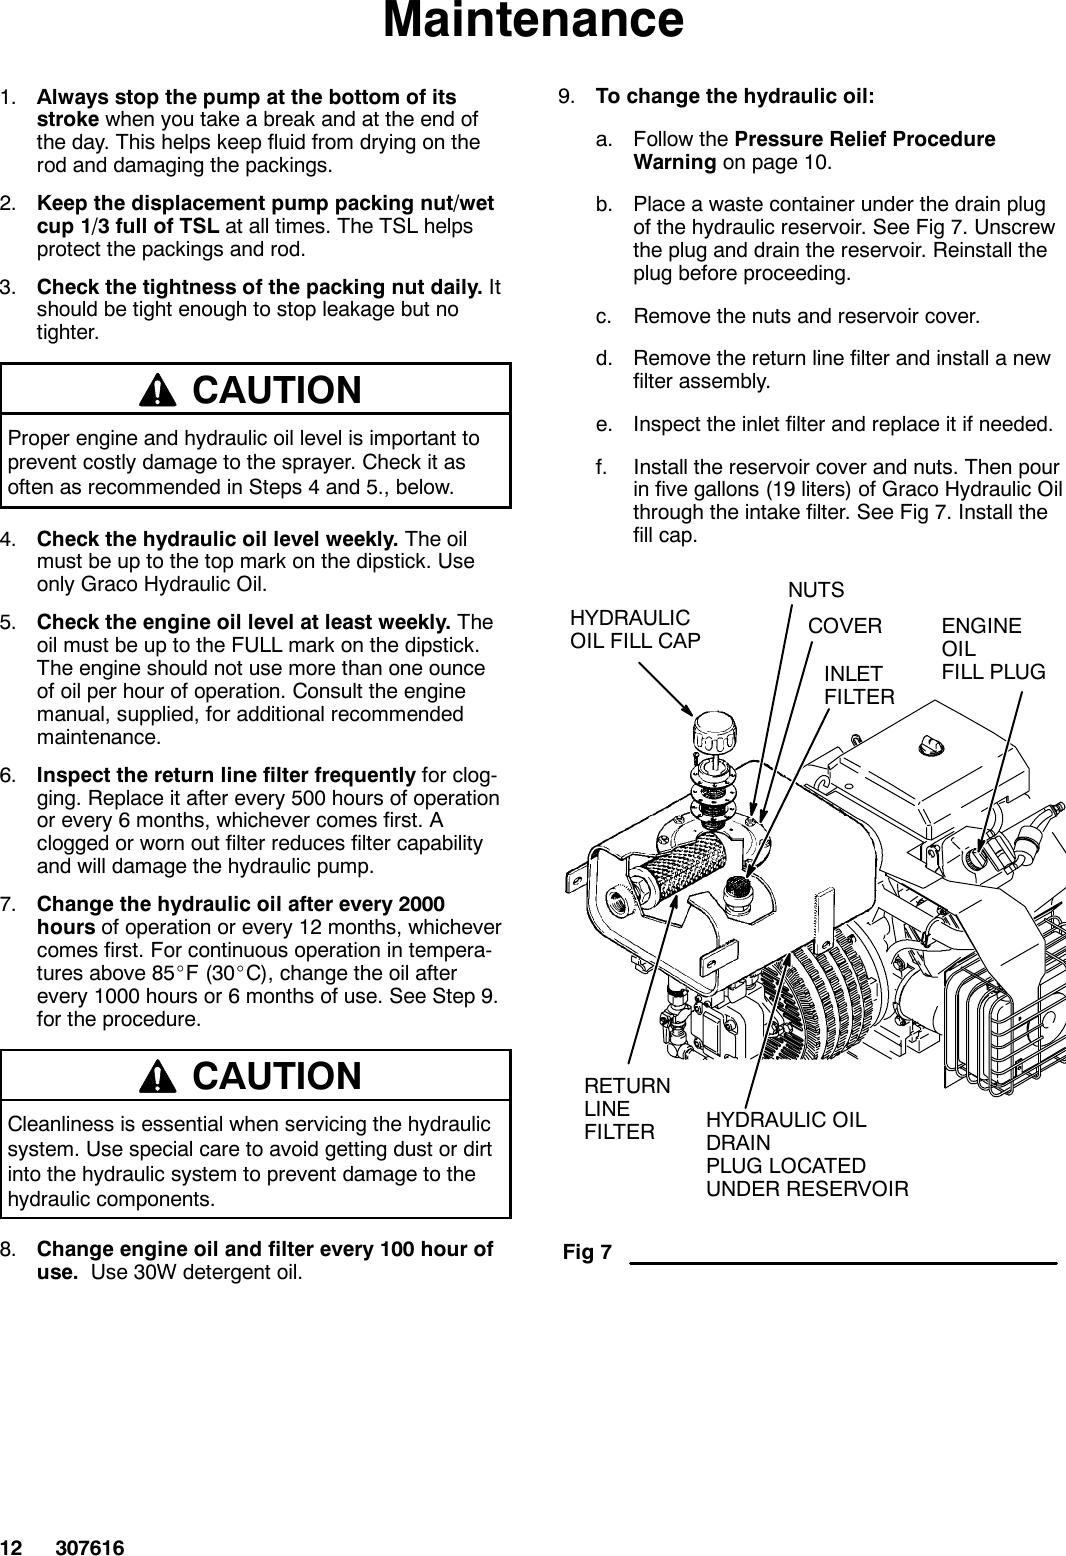 Graco 307616Zab Gh 733 Hydra Sprayer Users Manual Sprayer